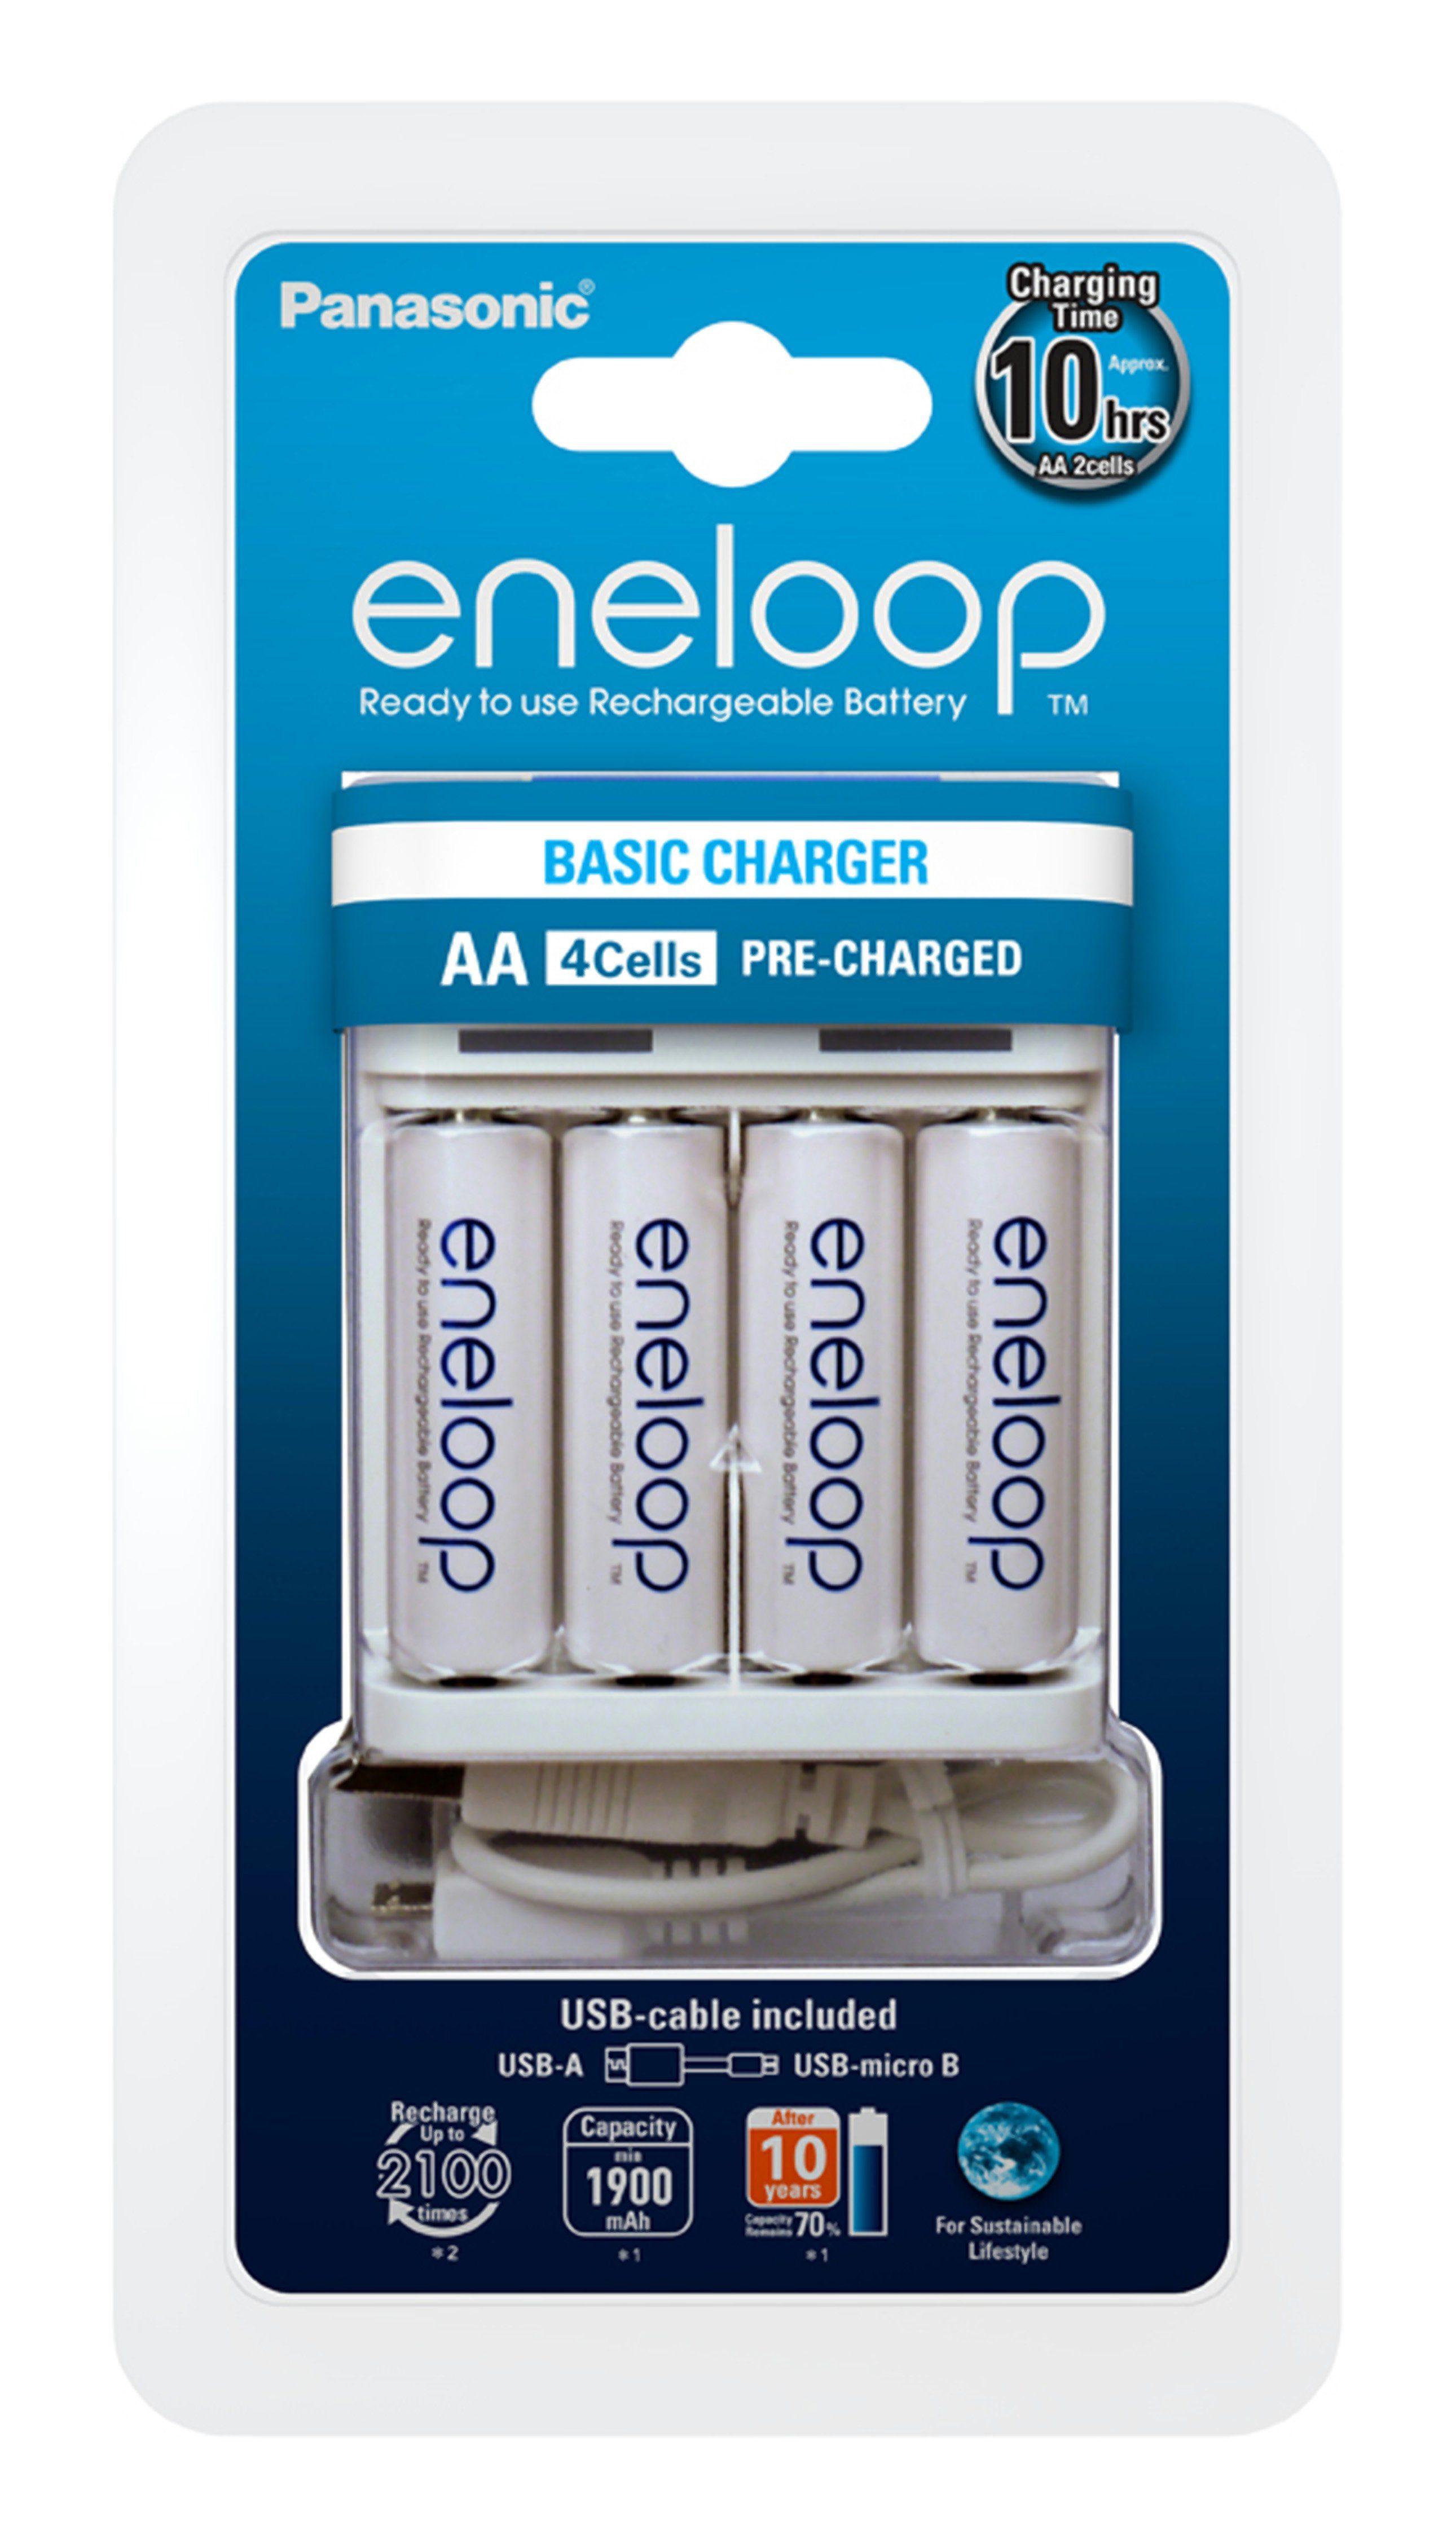 Panasonic eneloop USB-Ladegerät CC61 im Set mit 4 AA Akkus »K-KJ61MCC40USB«